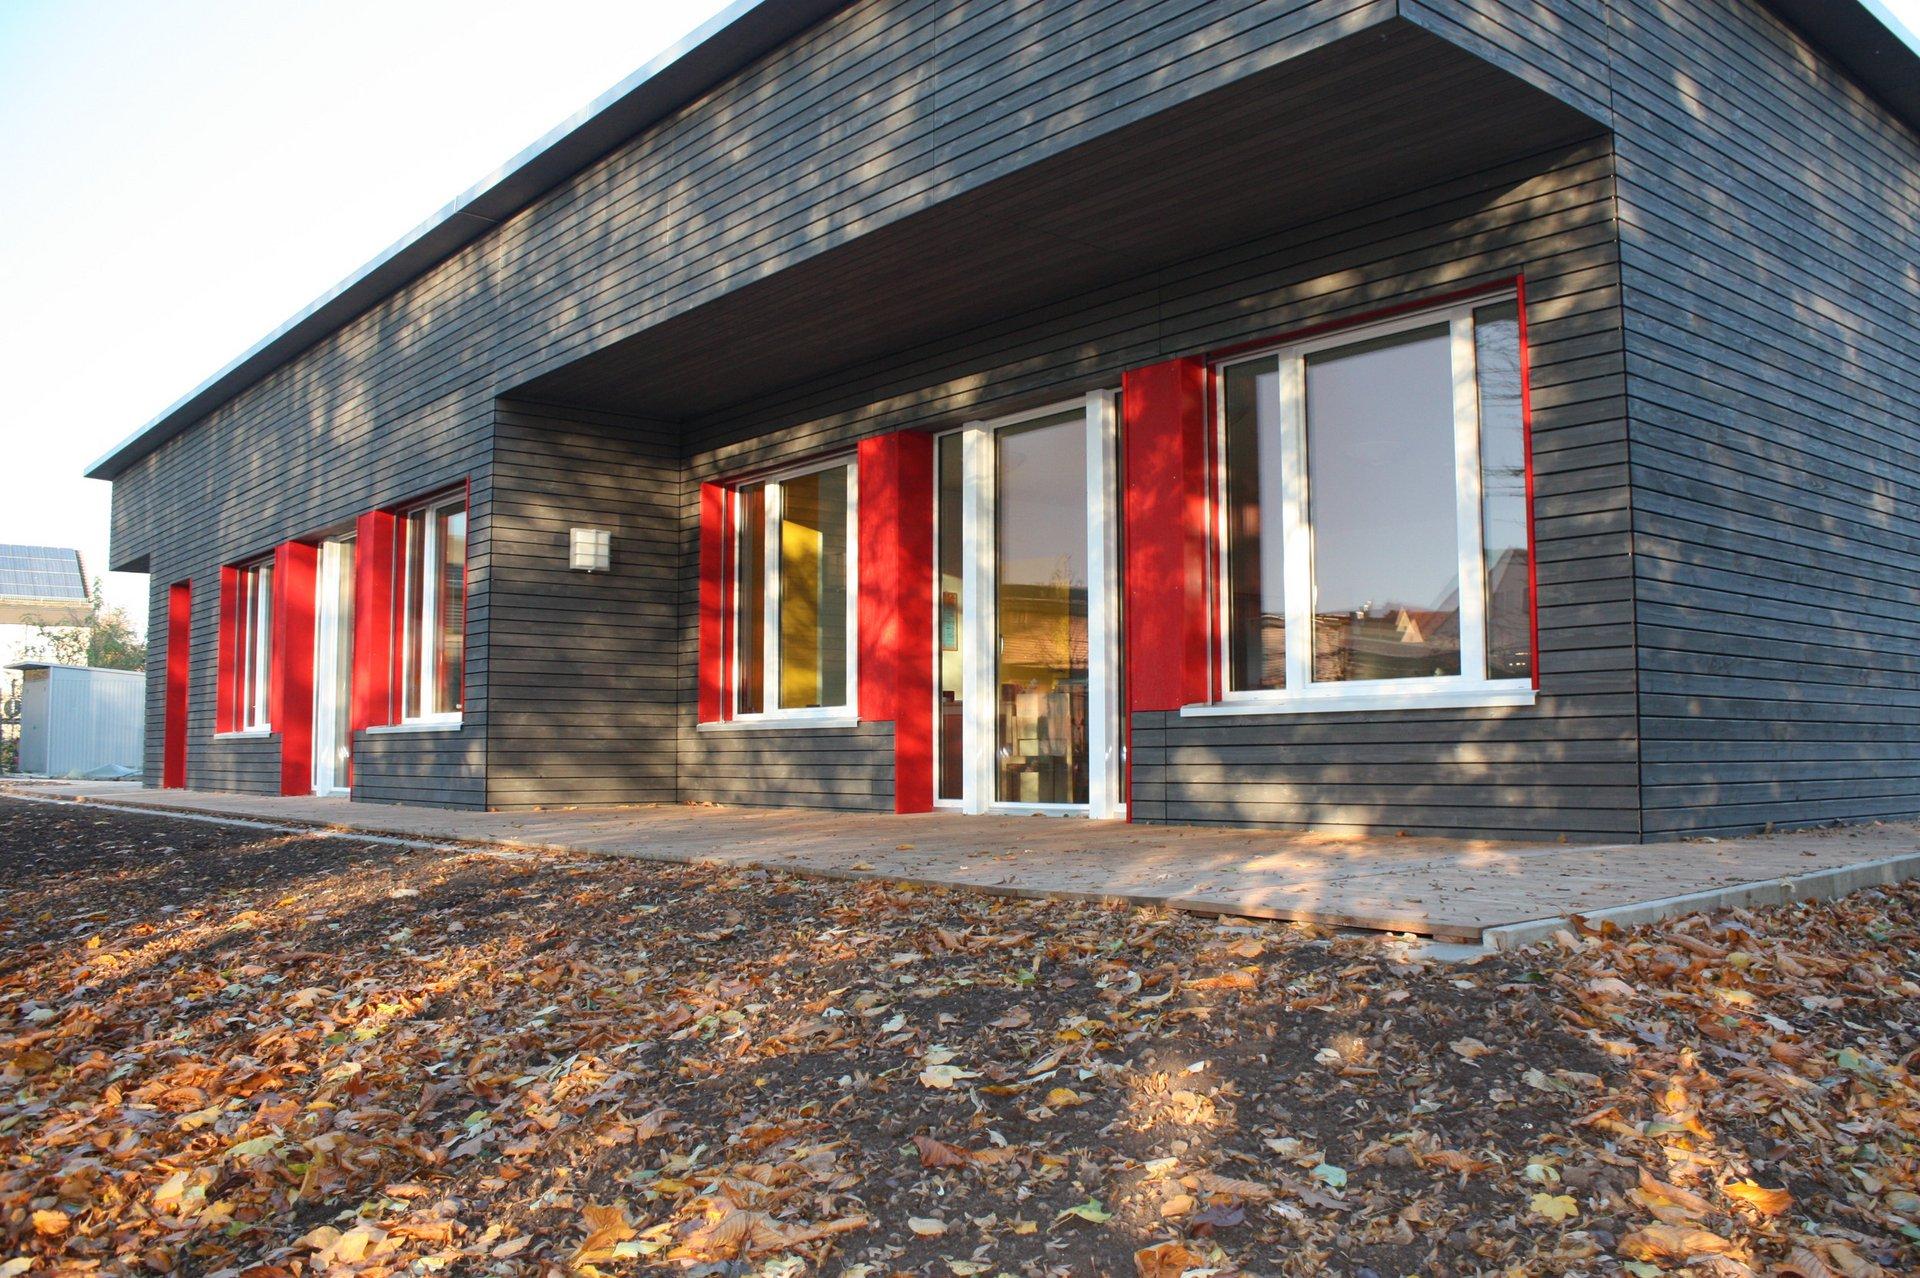 1-geschossige Kindertagesstätte in Modulbauweise